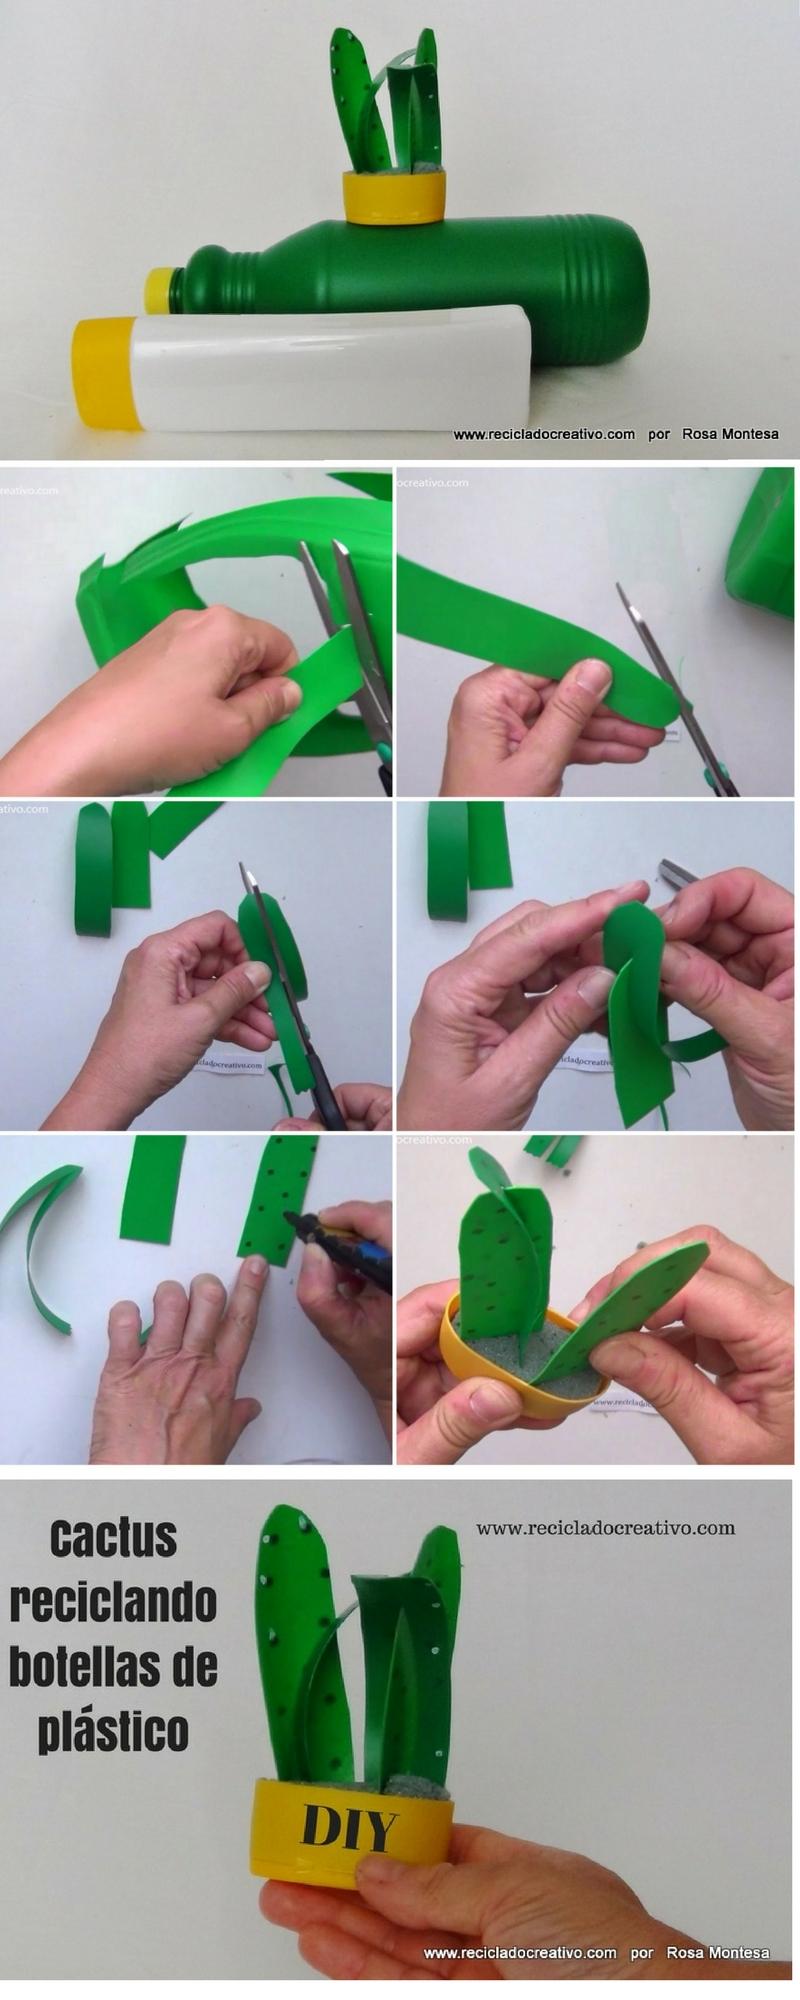 DIY Manualidad Cactus realizado con botellas de plástico recicladas